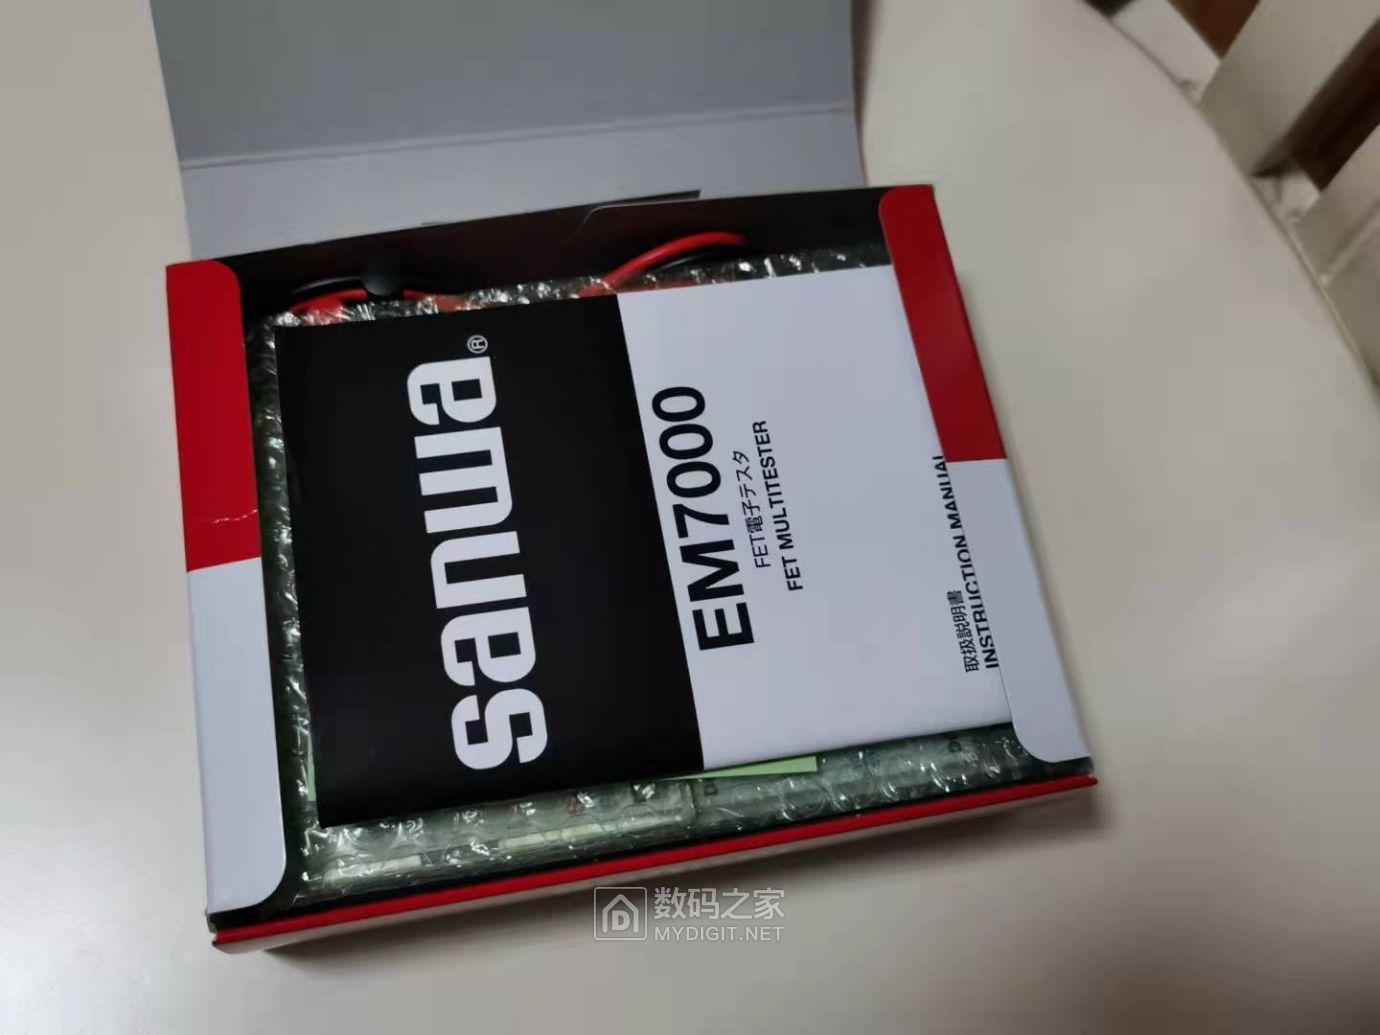 02.三和EM7000包装盒内部.jpg